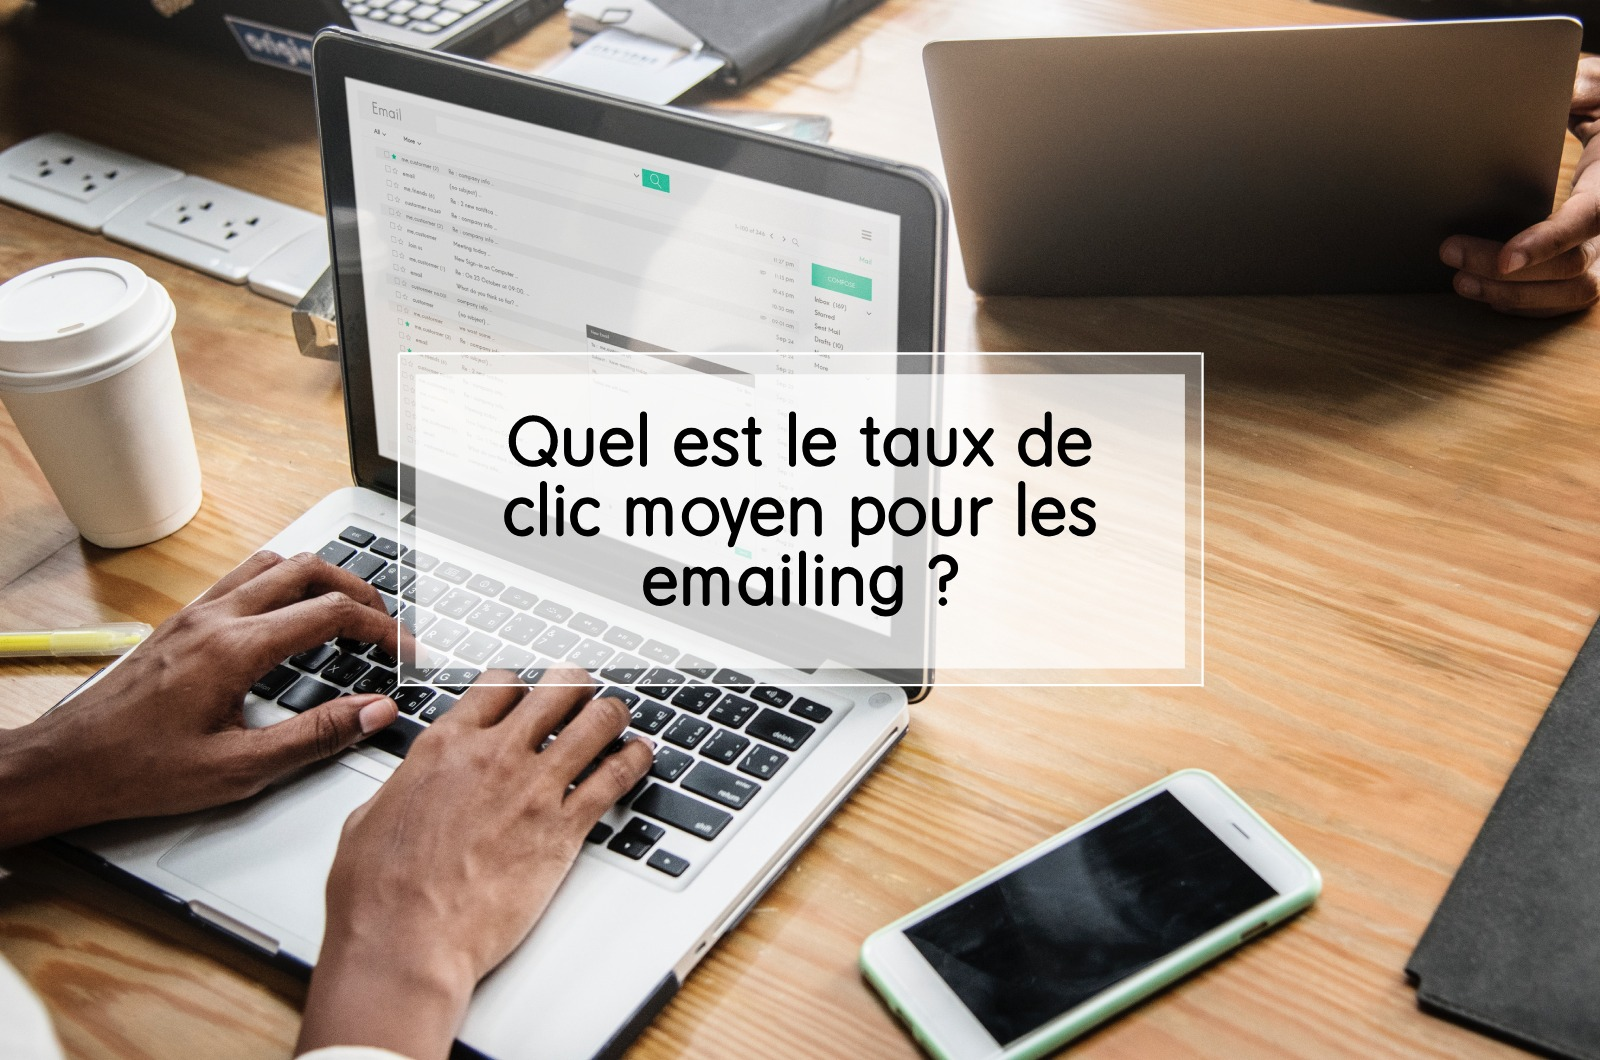 Quel est le taux de clic moyen pour les emailing ?